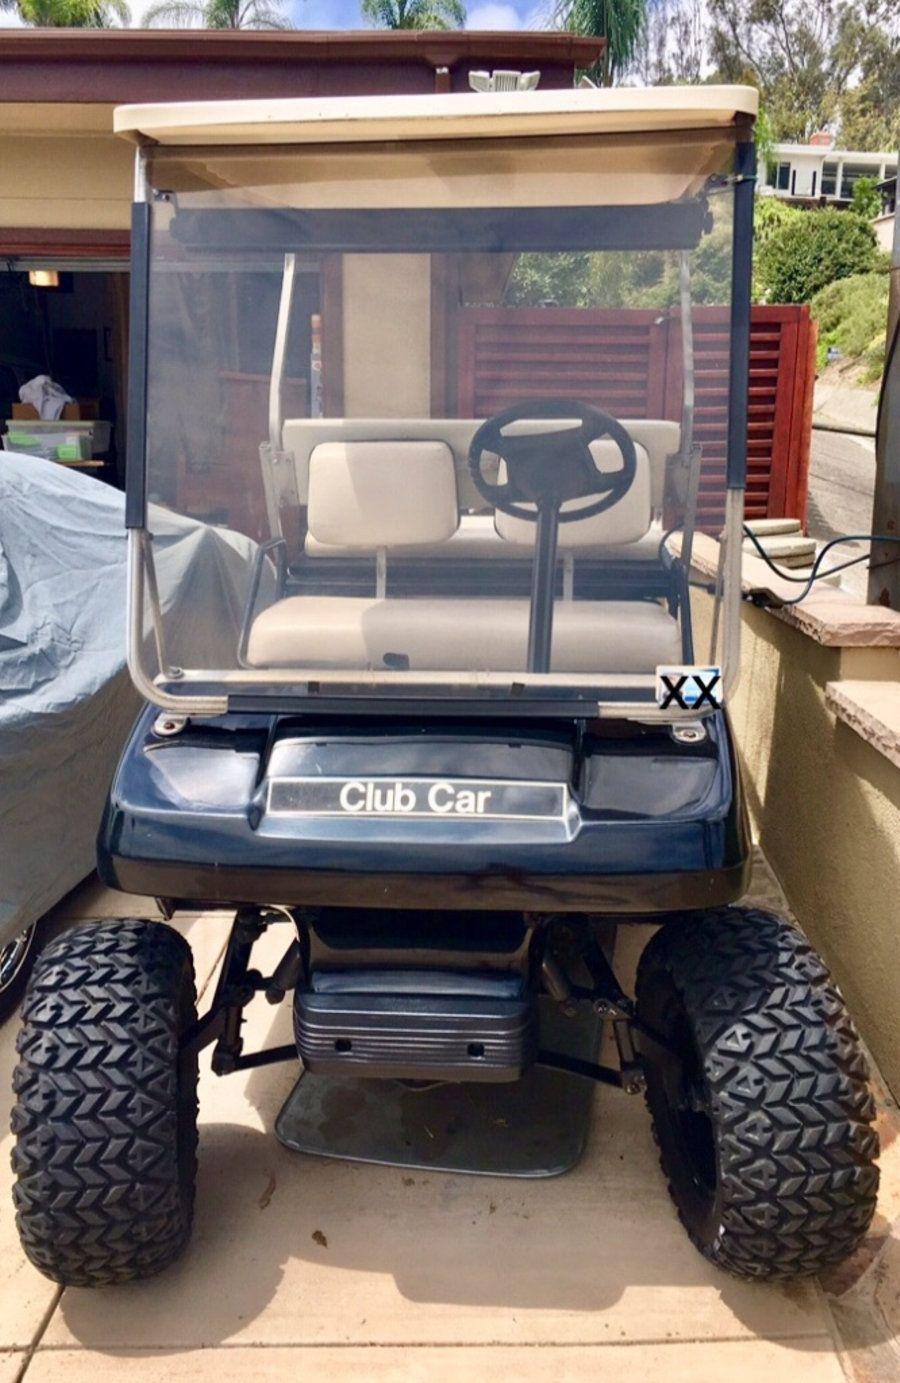 Golf Cart Gas Club Car In Laguna Niguel Letgo Golf Carts Golf Golf Clubs Taylormade